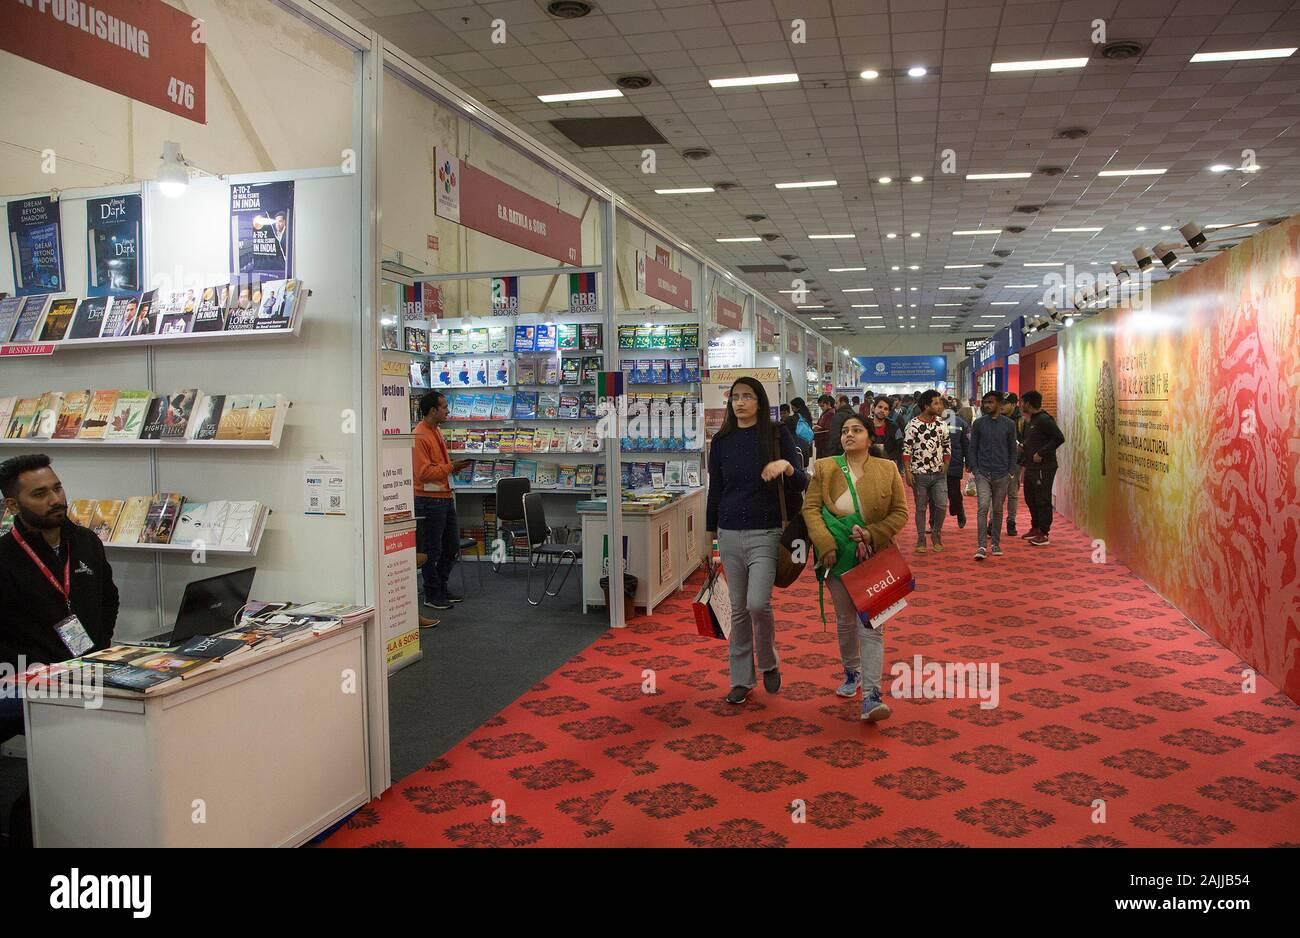 Nueva Delhi, India. El 4 de enero de 2020. (200104) -- Nueva Delhi, 4 de enero de 2020 (Xinhua) -- la gente visita la Feria Mundial del Libro de Nueva Delhi-2020 en Nueva Delhi, India, del 4 de enero de 2020. Dentro del pabellón nº 7 en Pragati Maidan, un vasto terreno lugar diseñado para exposiciones, un pabellón enmedio bookstalls en la feria del libro lleva a los visitantes hacia abajo un Memory Lane en más de 2.000 años de intercambios culturales entre China y la India, a través de fotografías. Unos cubículos de distancia desde el pabellón China es la librería llamativamente lucimiento chino libros en Inglés.Para ir con 'Feature: China-India contactos culturales, una importante exposición de fotos. Foto de stock